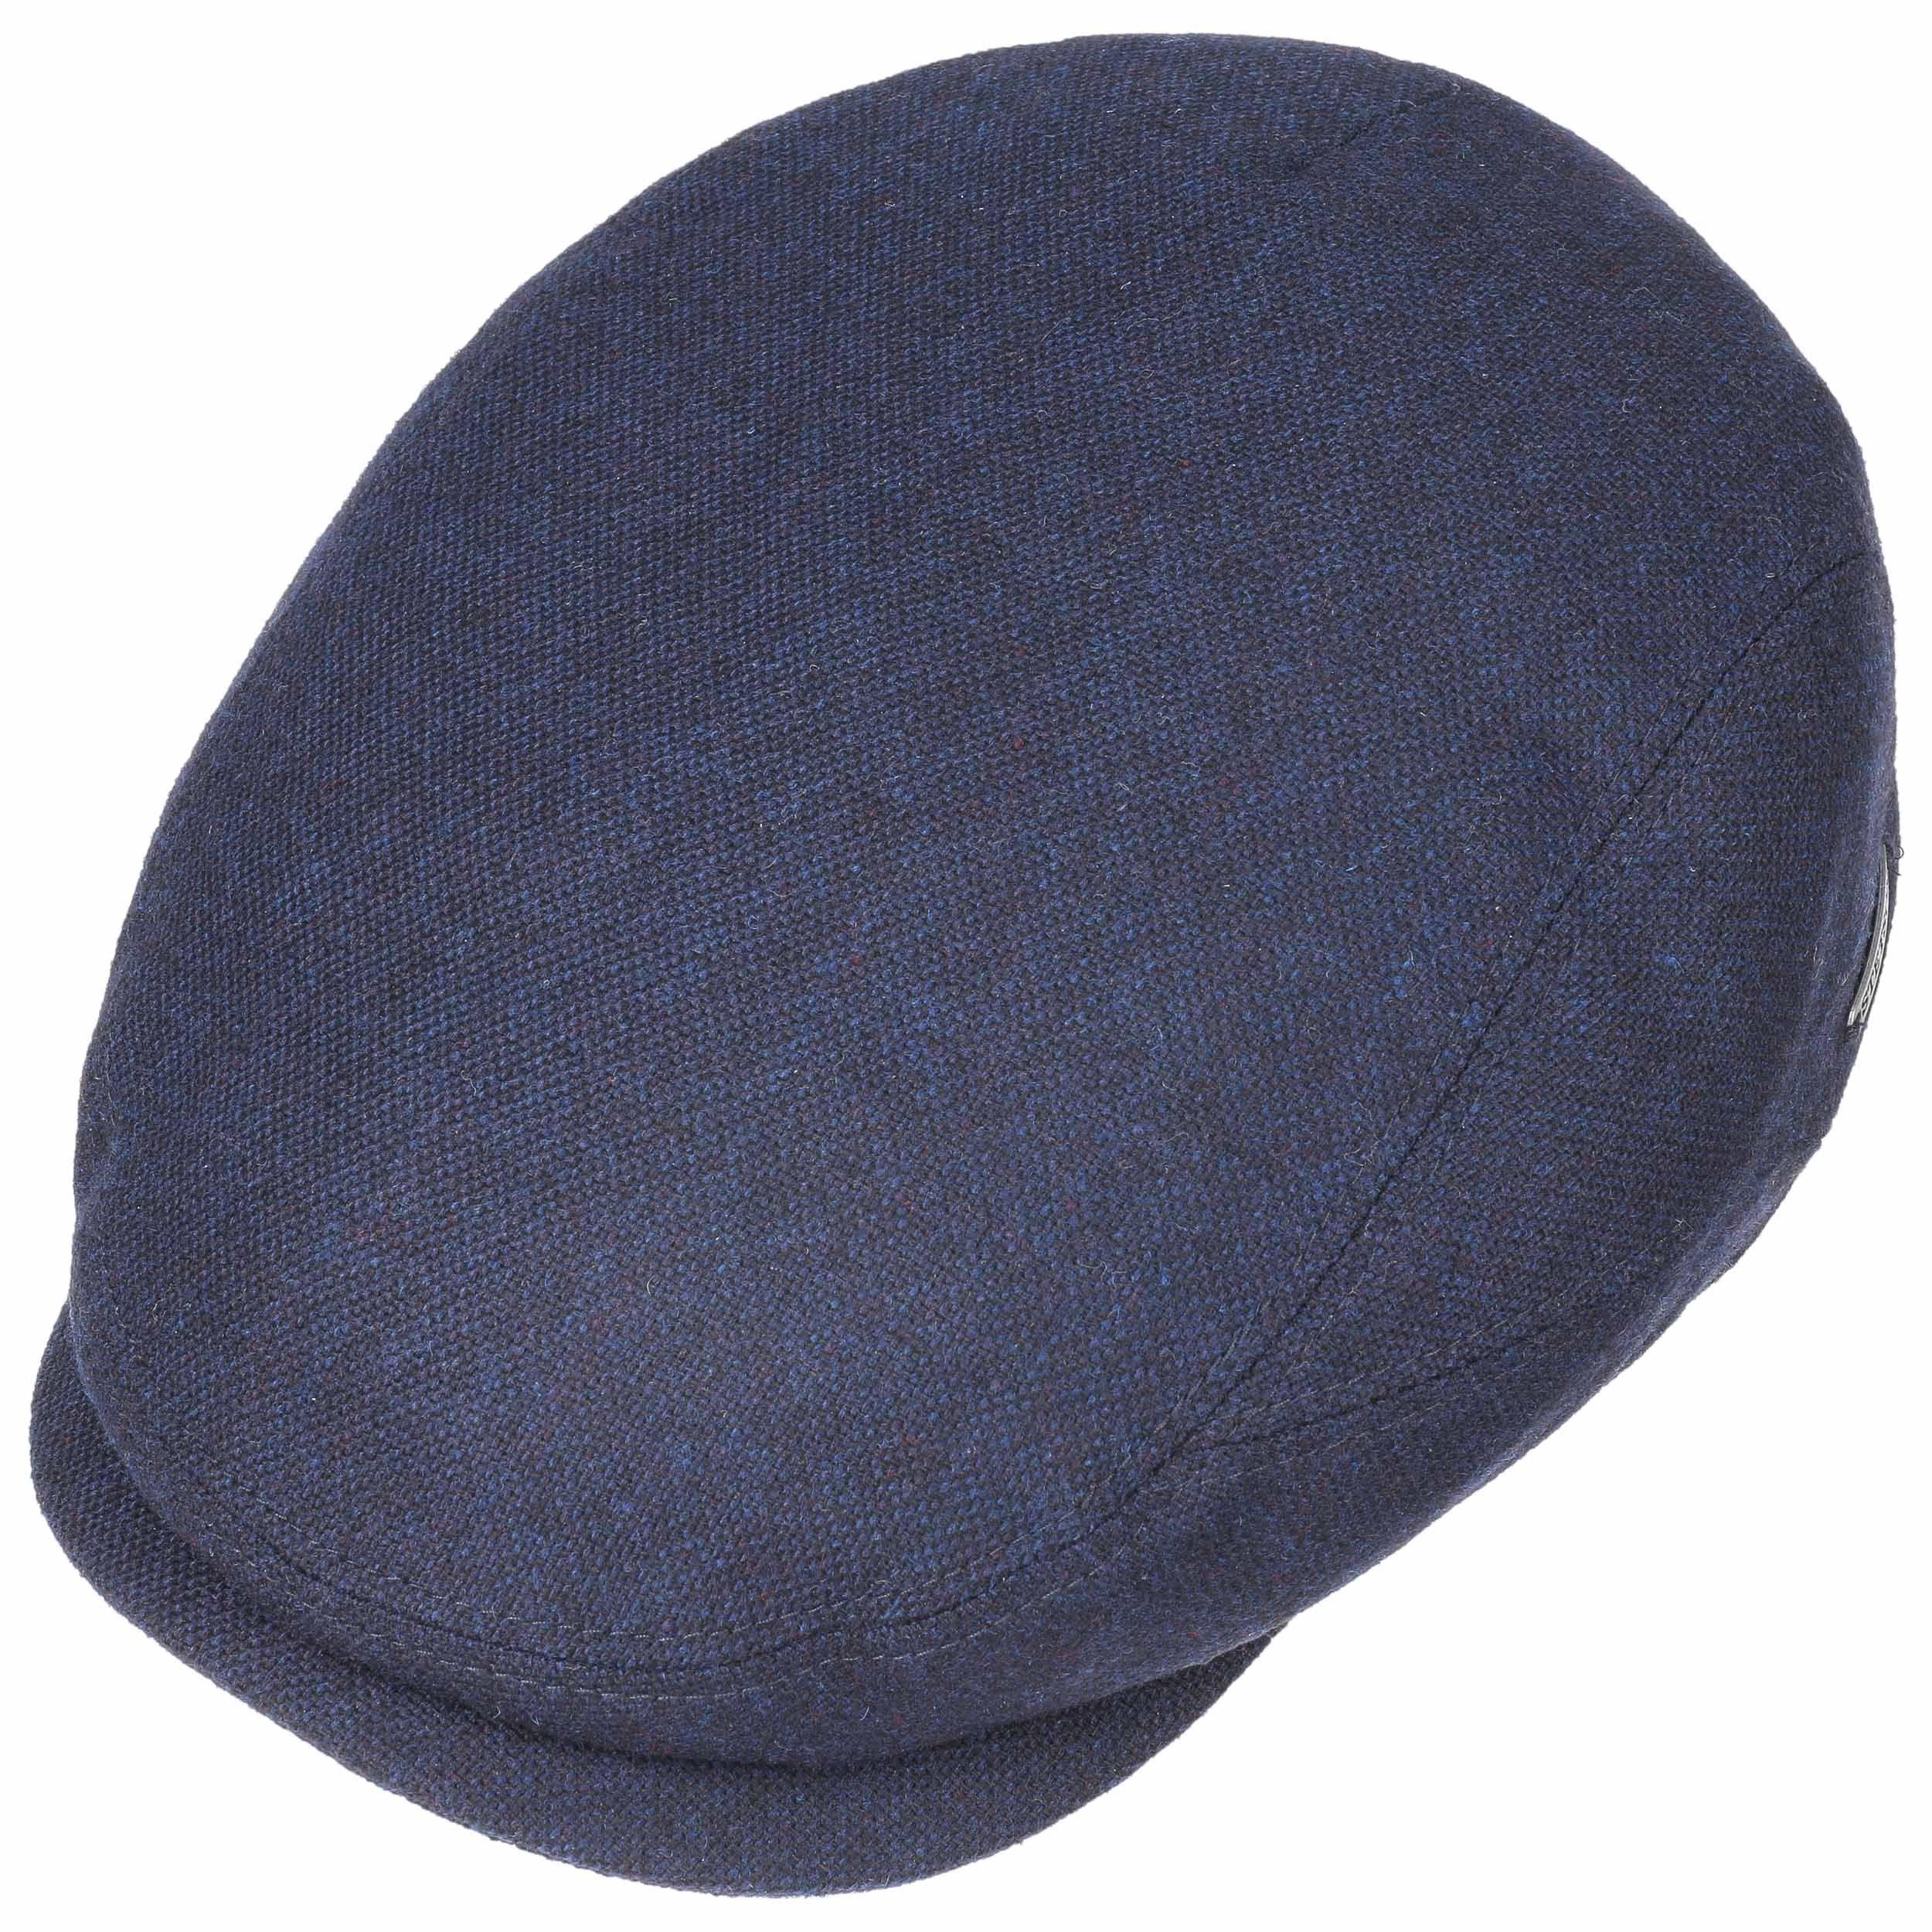 Belfast Wool Blend Flat Cap blauw